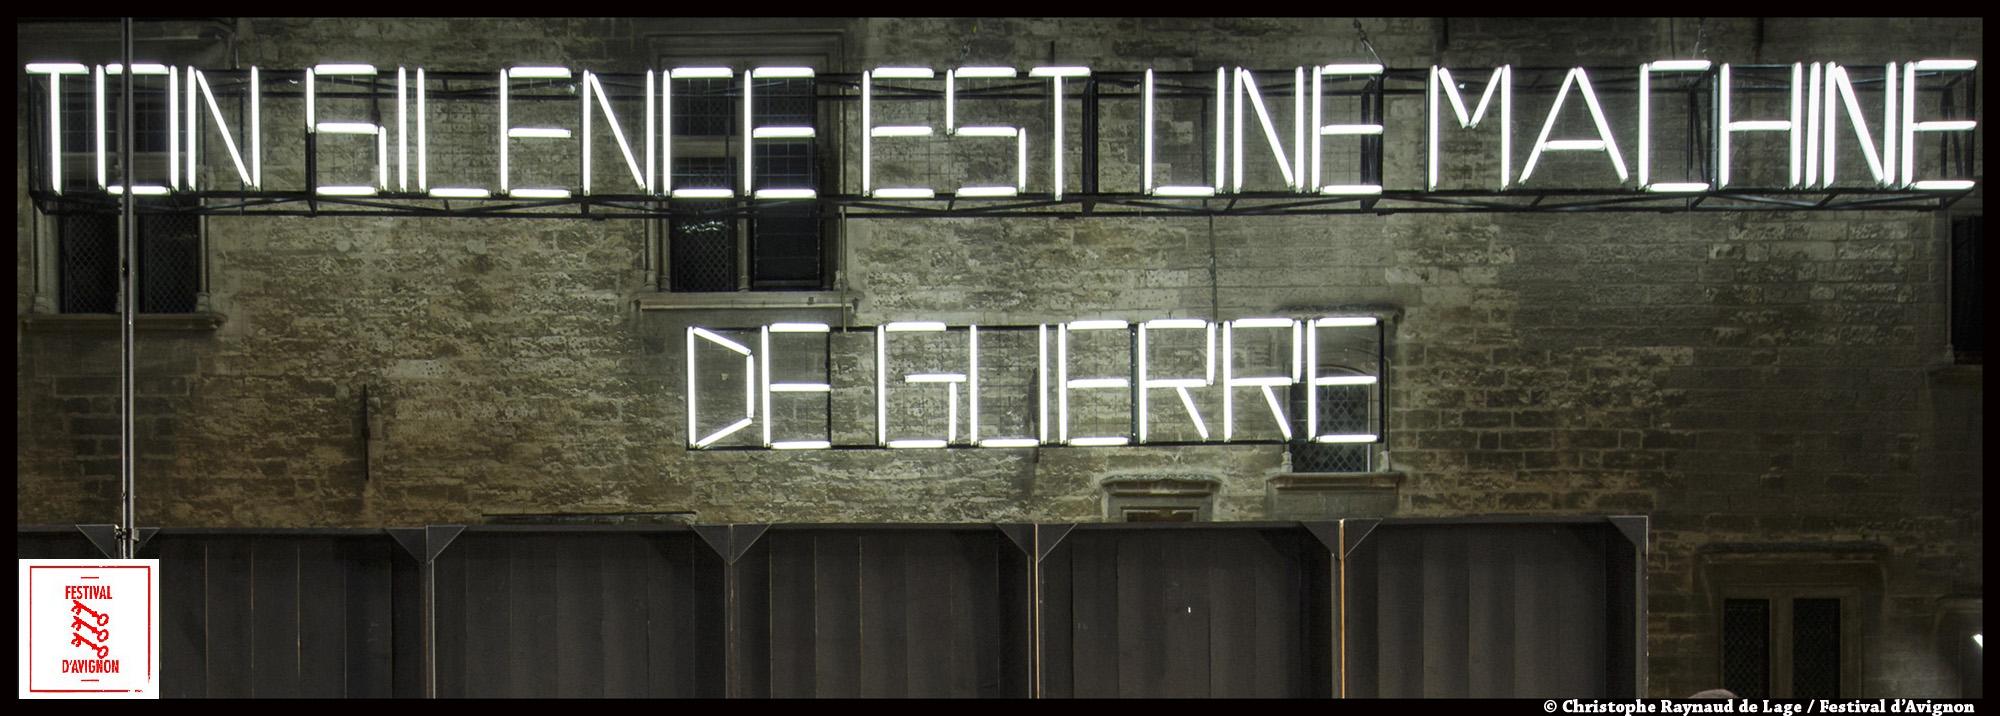 Couv_Le_roi_Lear_Olivier_Py_©Christophe_Raynaud_de_Lage_Festival_d_Avignon_@loeildoliv.jpg